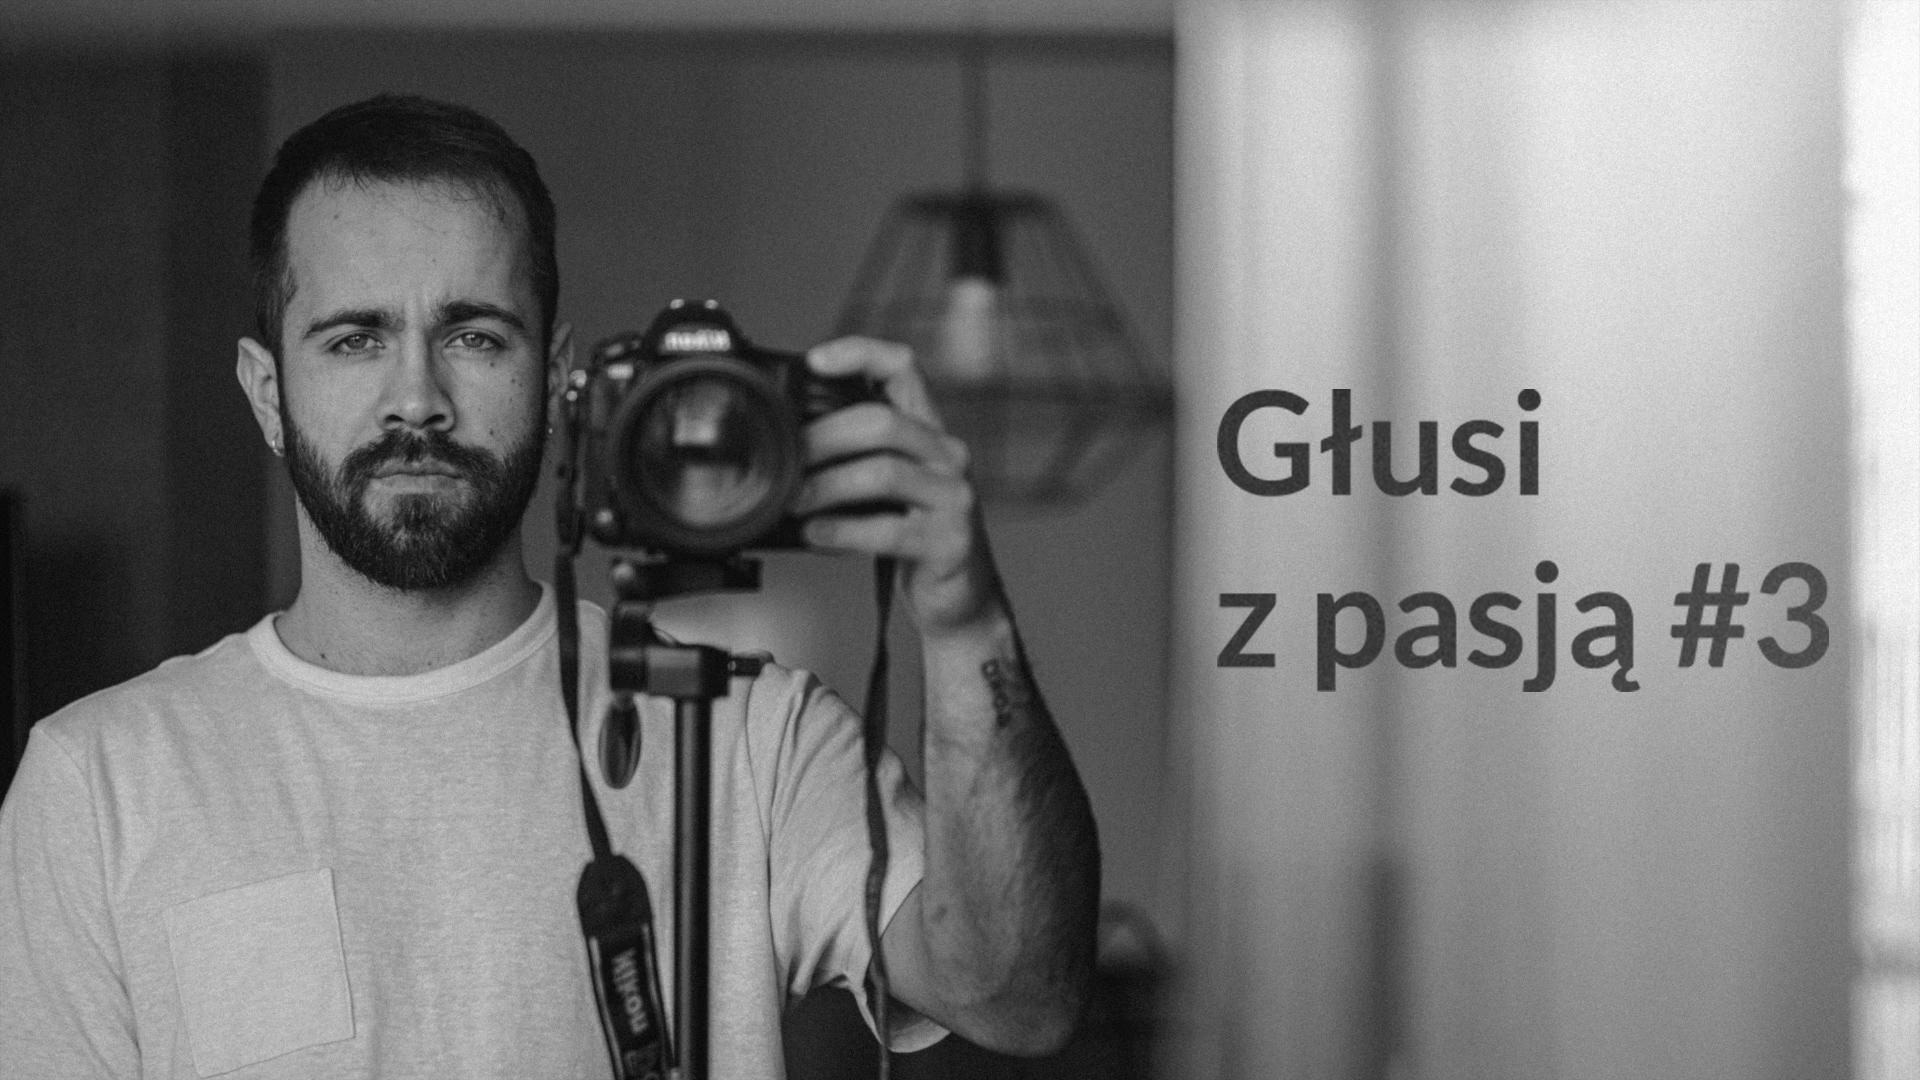 Głusi z pasją #3 — Damian Brzeszcz